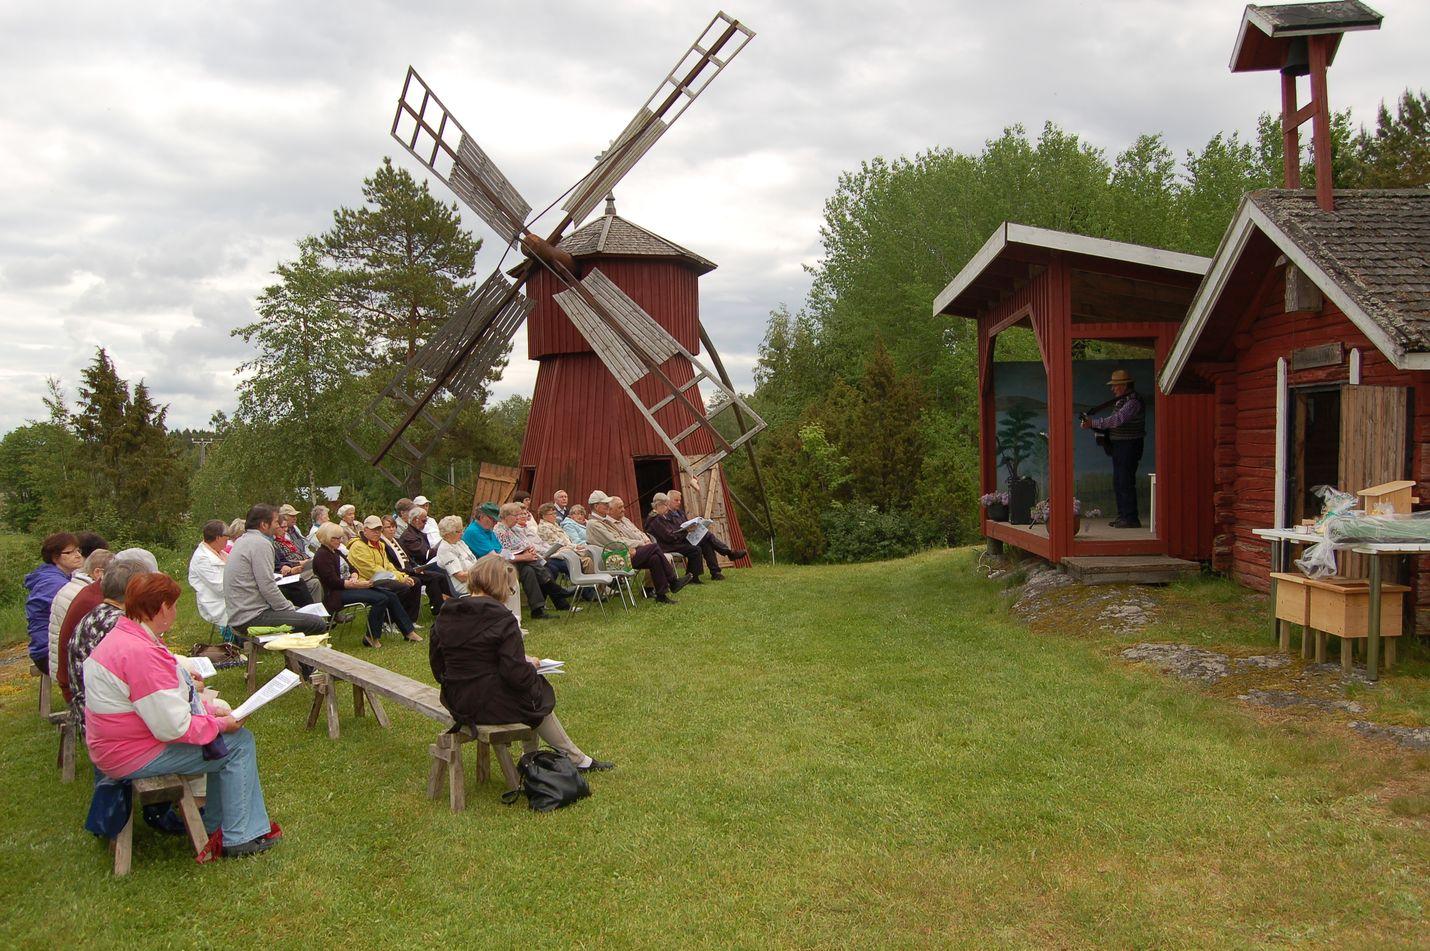 Lahdenvainion Myllymäellä vietettiin juhannuspäivänä perinteisiä juhannusjuhlia yhteislaulun merkeissä. Kuva: Elina Lammela